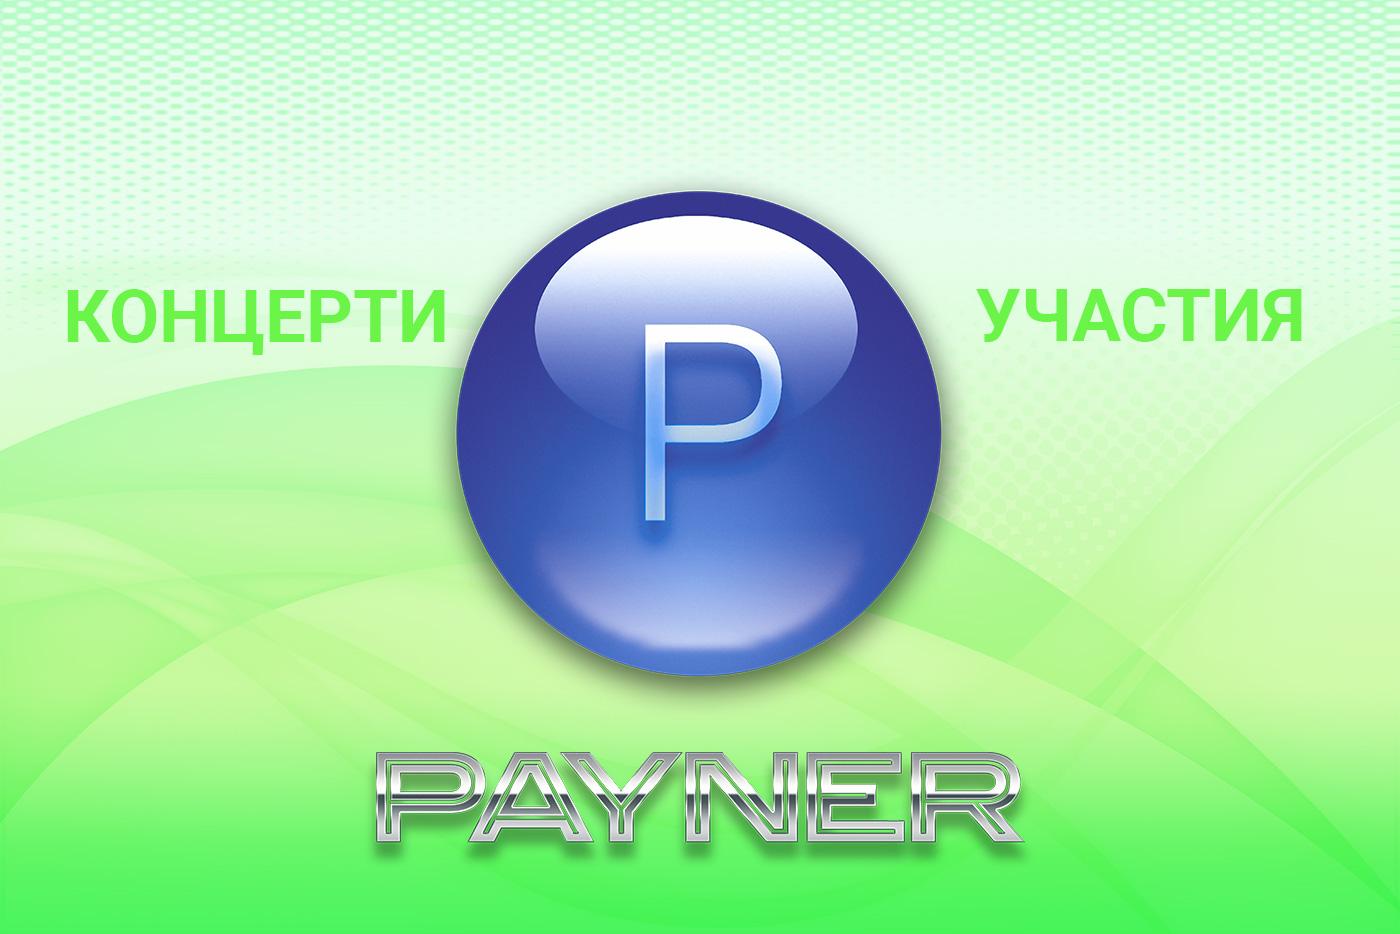 """Участия на звездите на """"Пайнер"""" на 06.12.2018"""